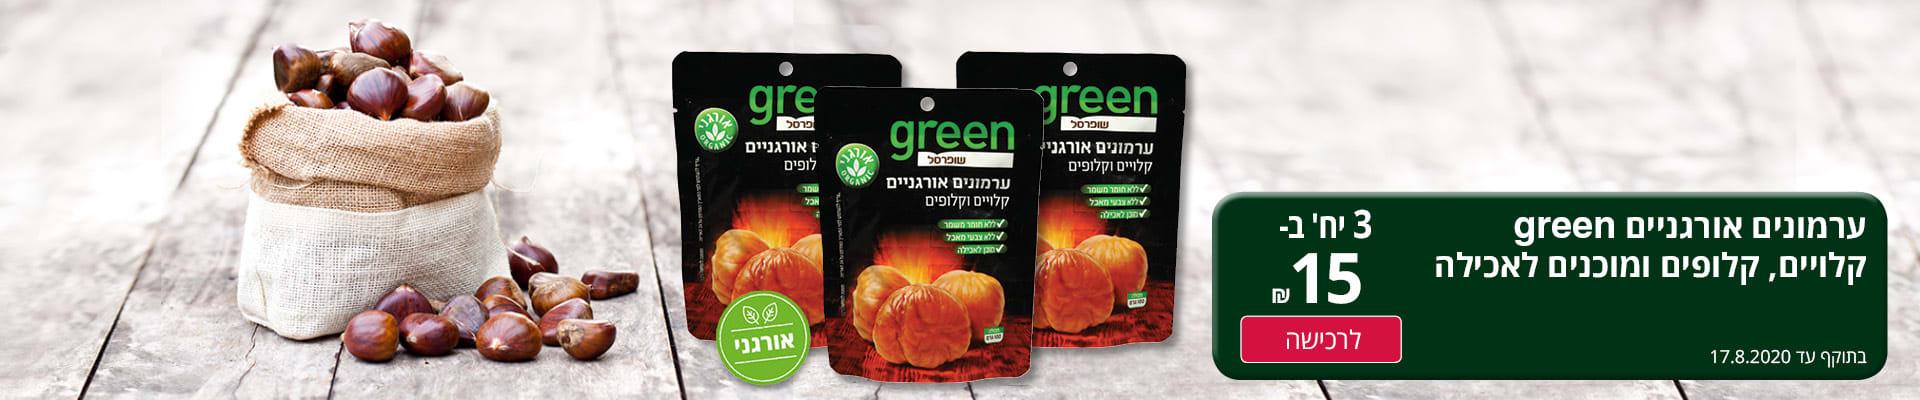 ערמונים אורגניים green קלויים, קלופים ומוכנים לאכילה 3 יחידות ב- 15 ₪. בתוקף עד 17.8.2020